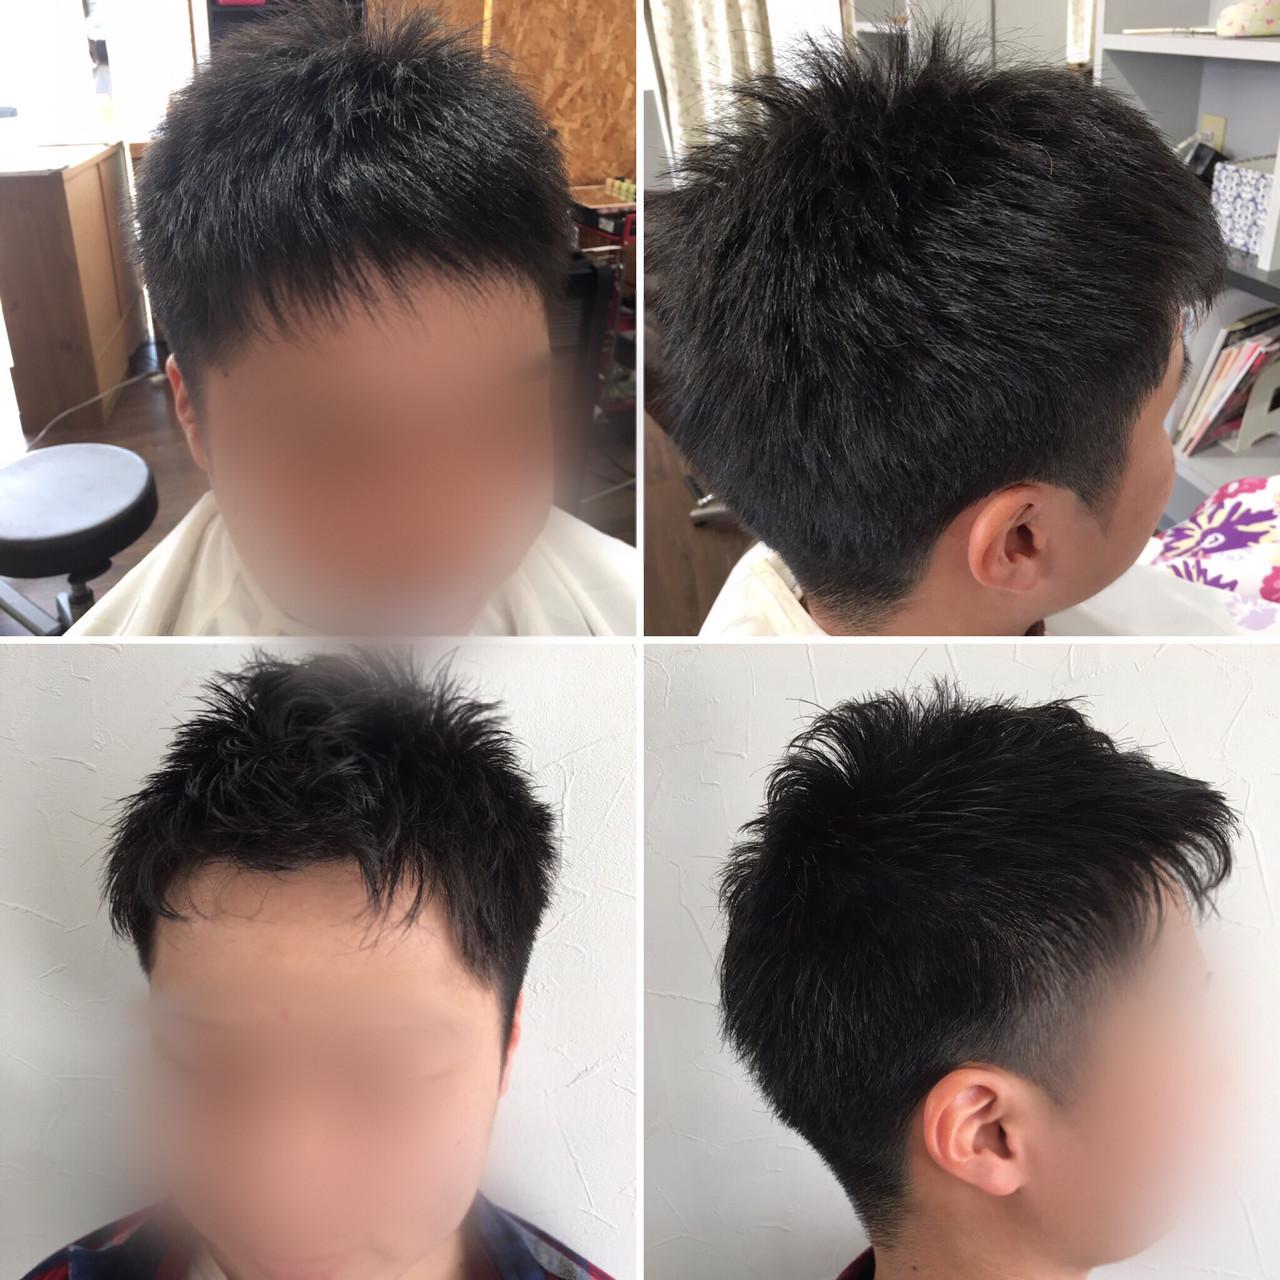 メンズヘア メンズスタイル メンズカジュアル ショート ヘアスタイルや髪型の写真・画像